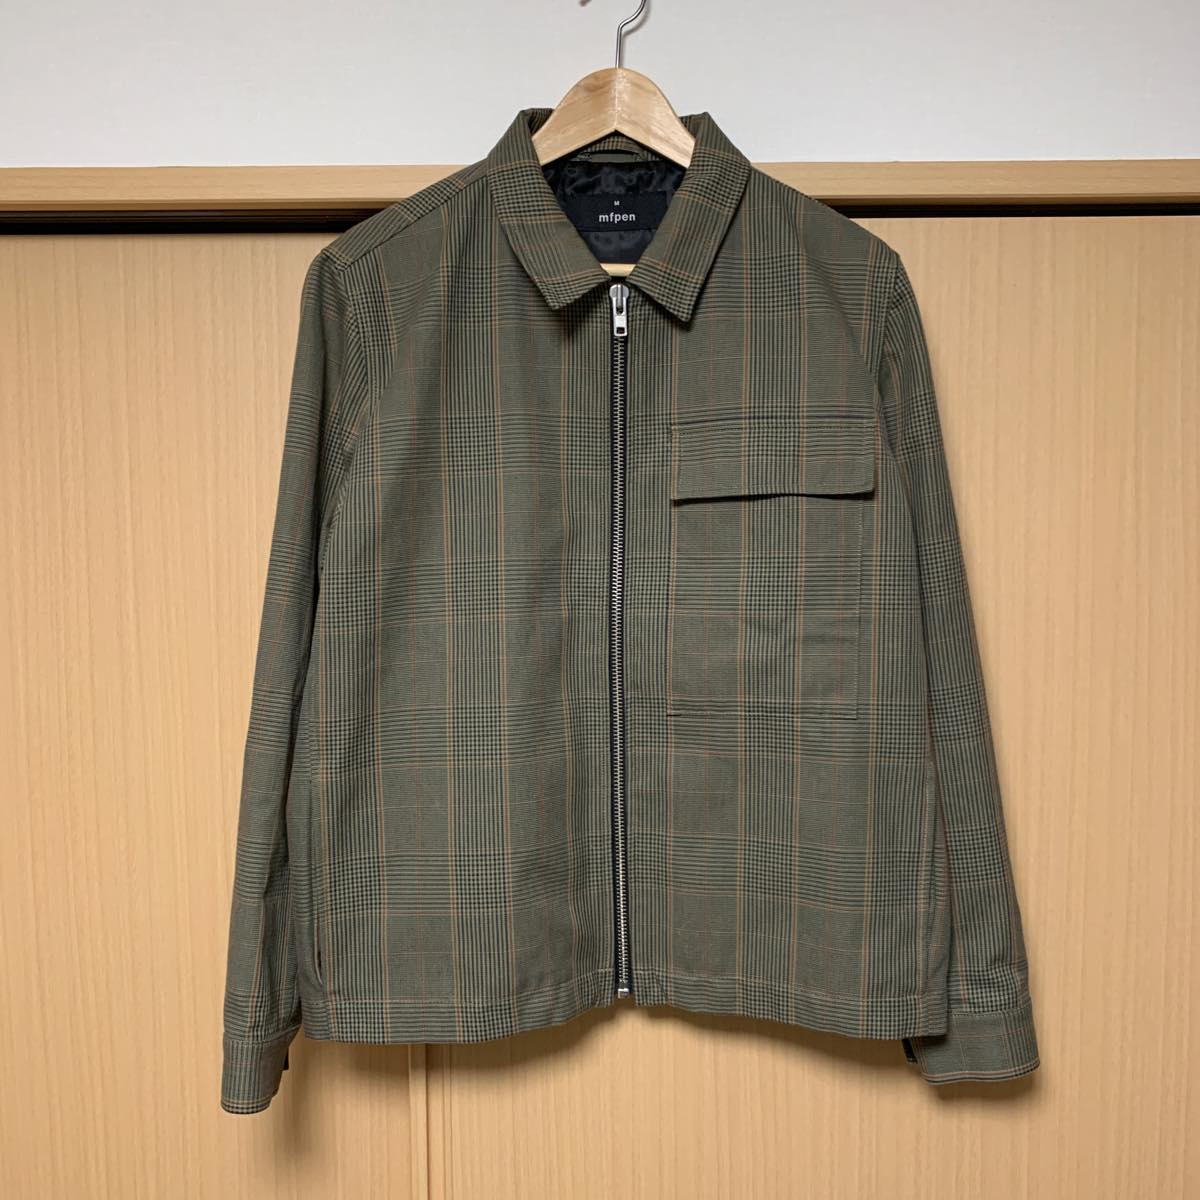 mfpen (エムエフペン)CPOジャケット